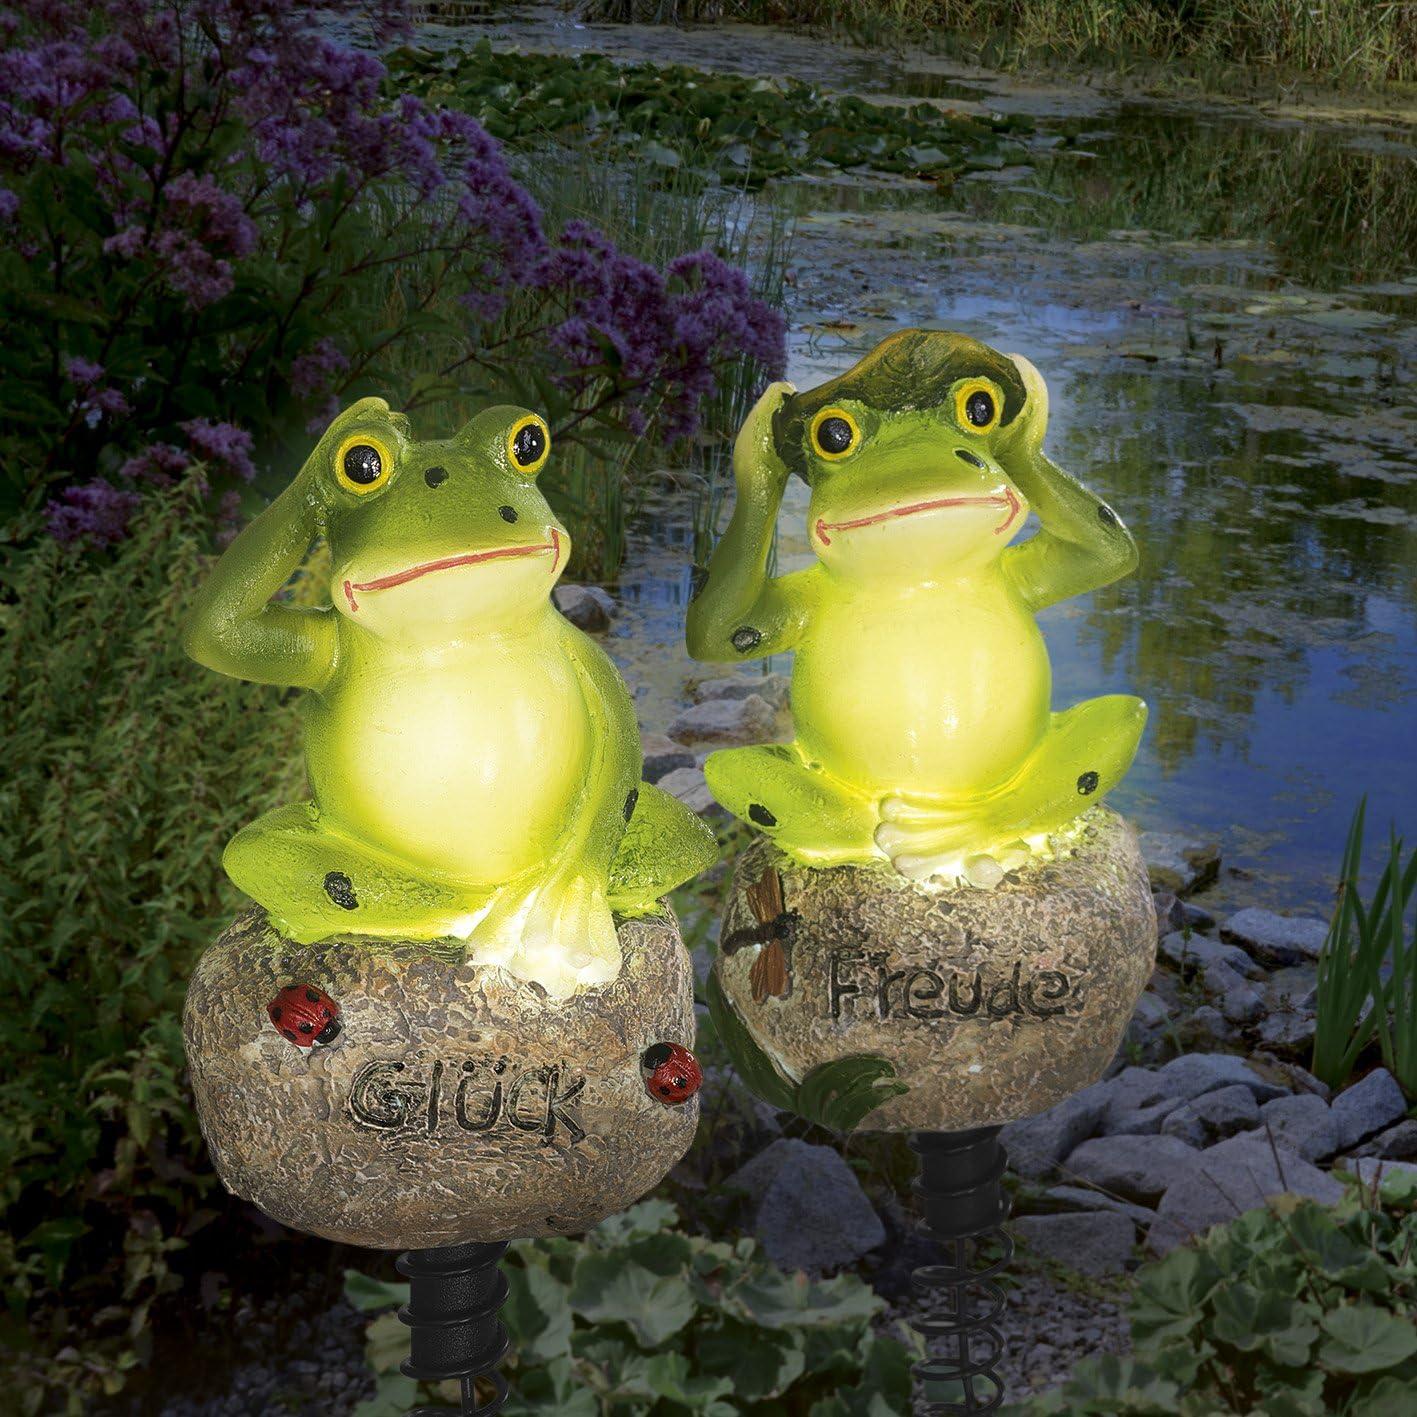 Solaire de LED grenouille 2/pi/èces 1,2/V Vert vif Belle /& d/écoratif |f/ür Jardin, terrasse etc.